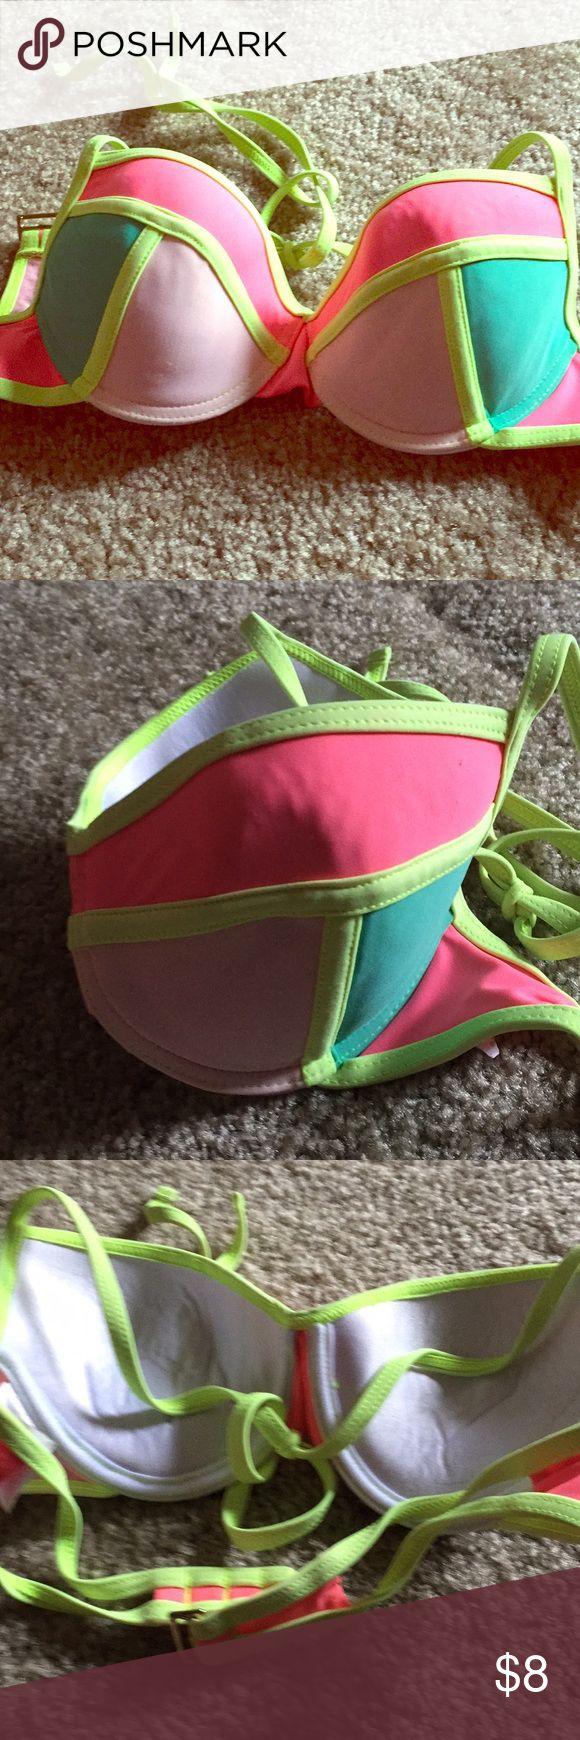 Target bikini top Multicolored fun lightly padded bikini top Xhilaration Swim Bikinis